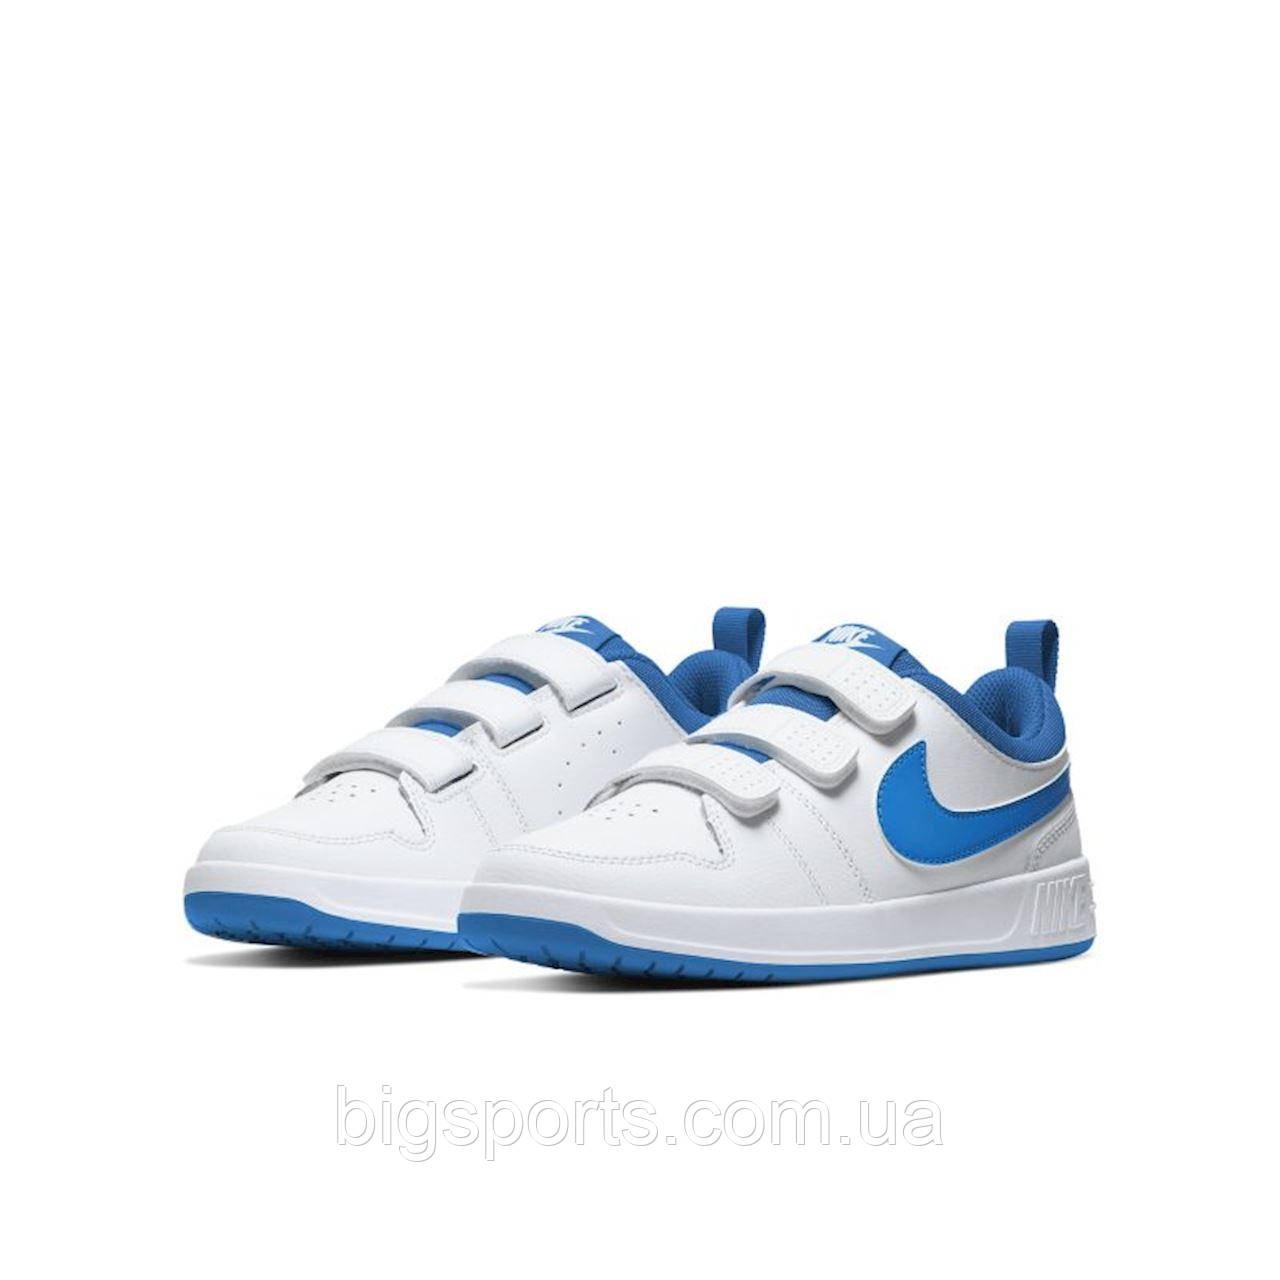 Кросівки дет. Nike Pico 5 Gs (арт. CJ7199-103)